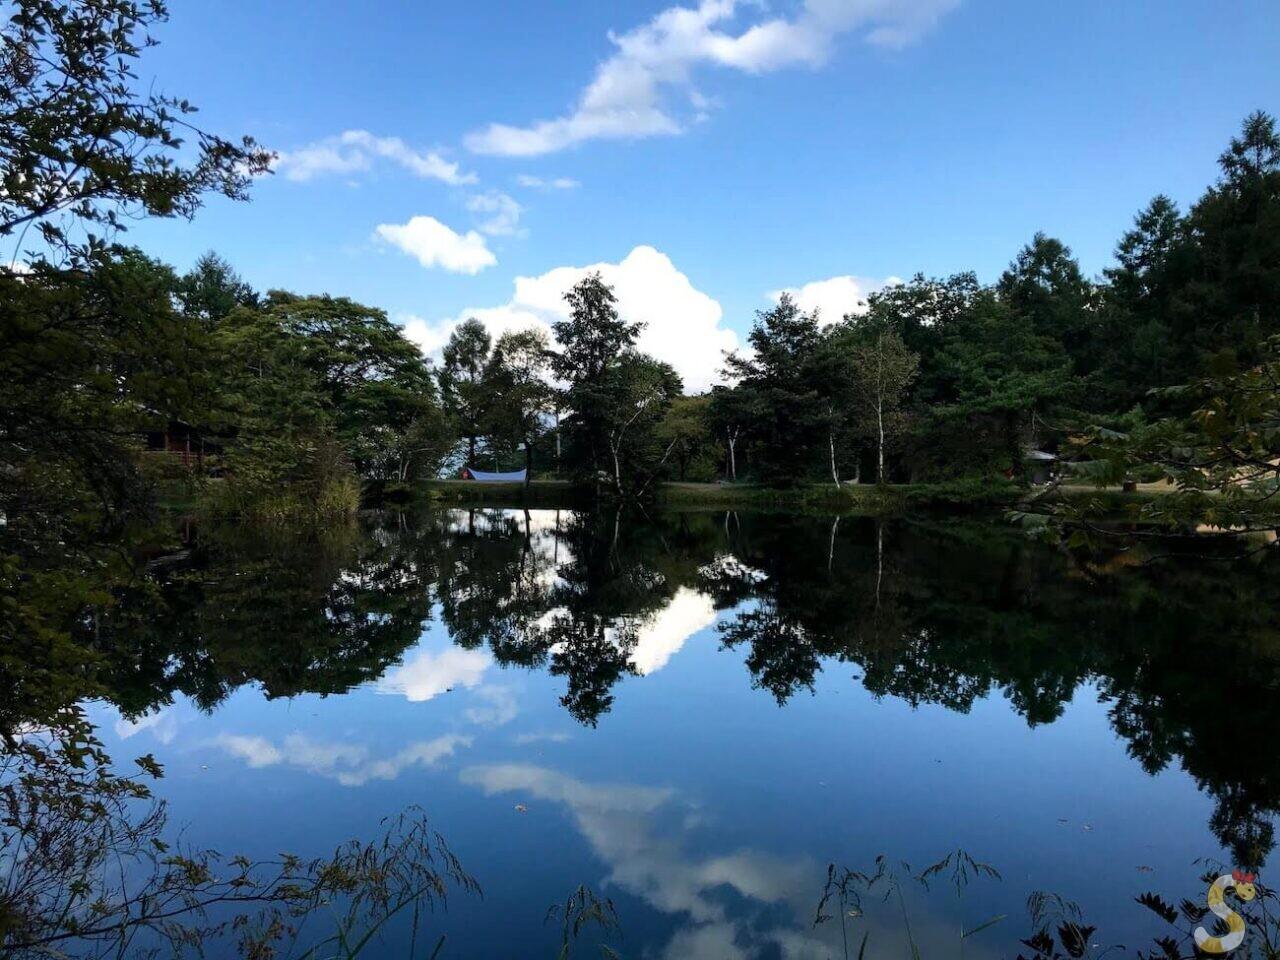 佐久穂町駒出池キャンプ場